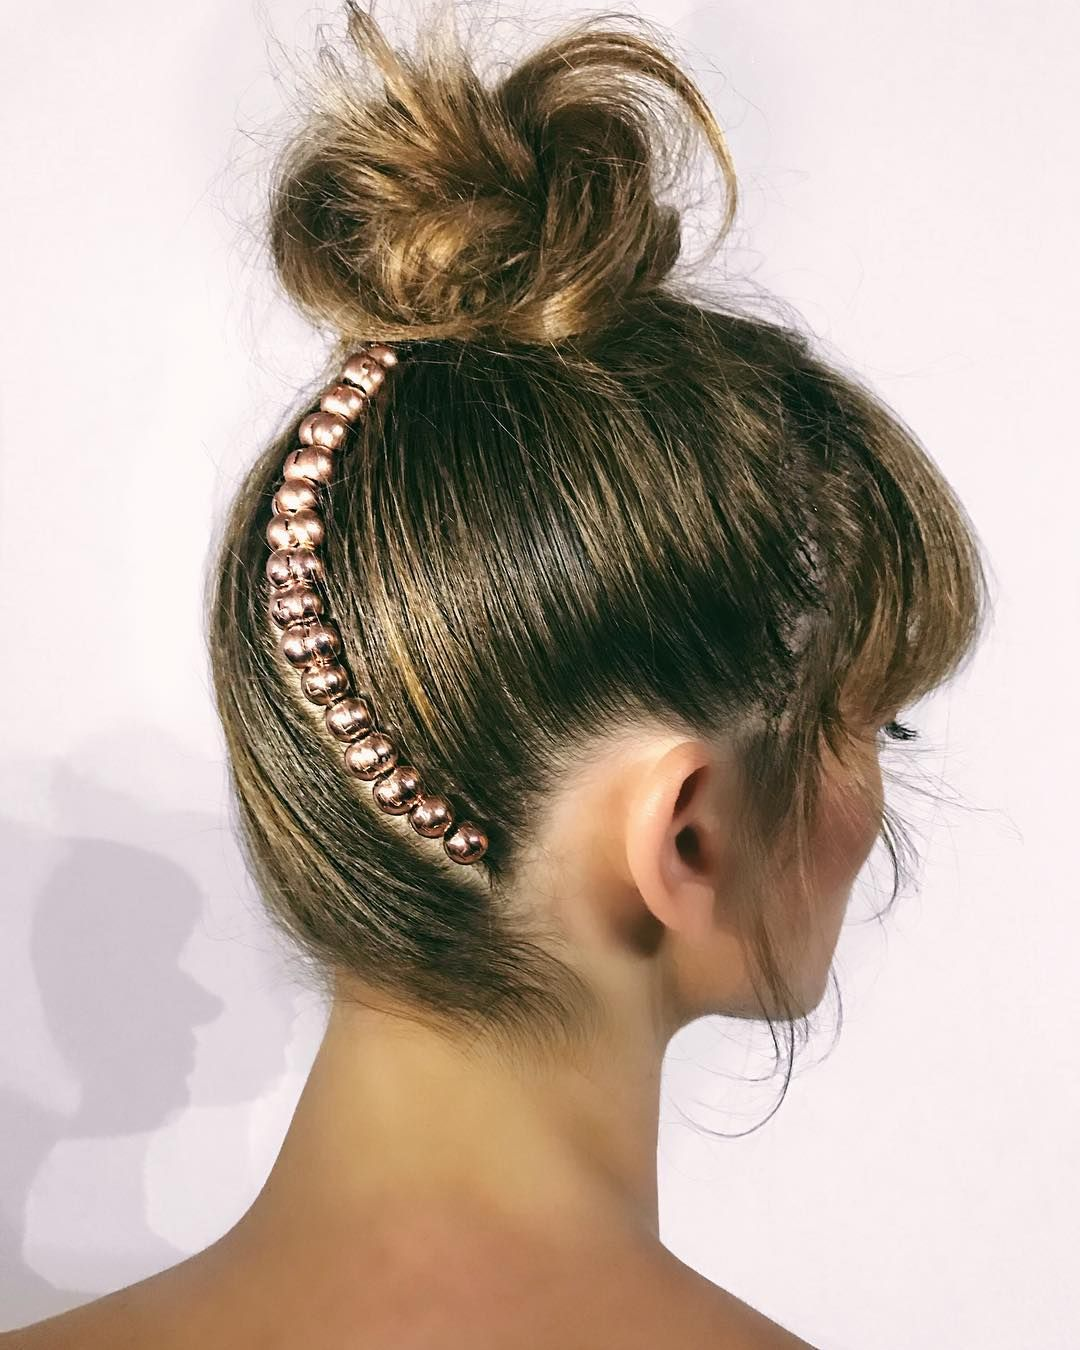 50 festival hair ideas so you can whip your hair back